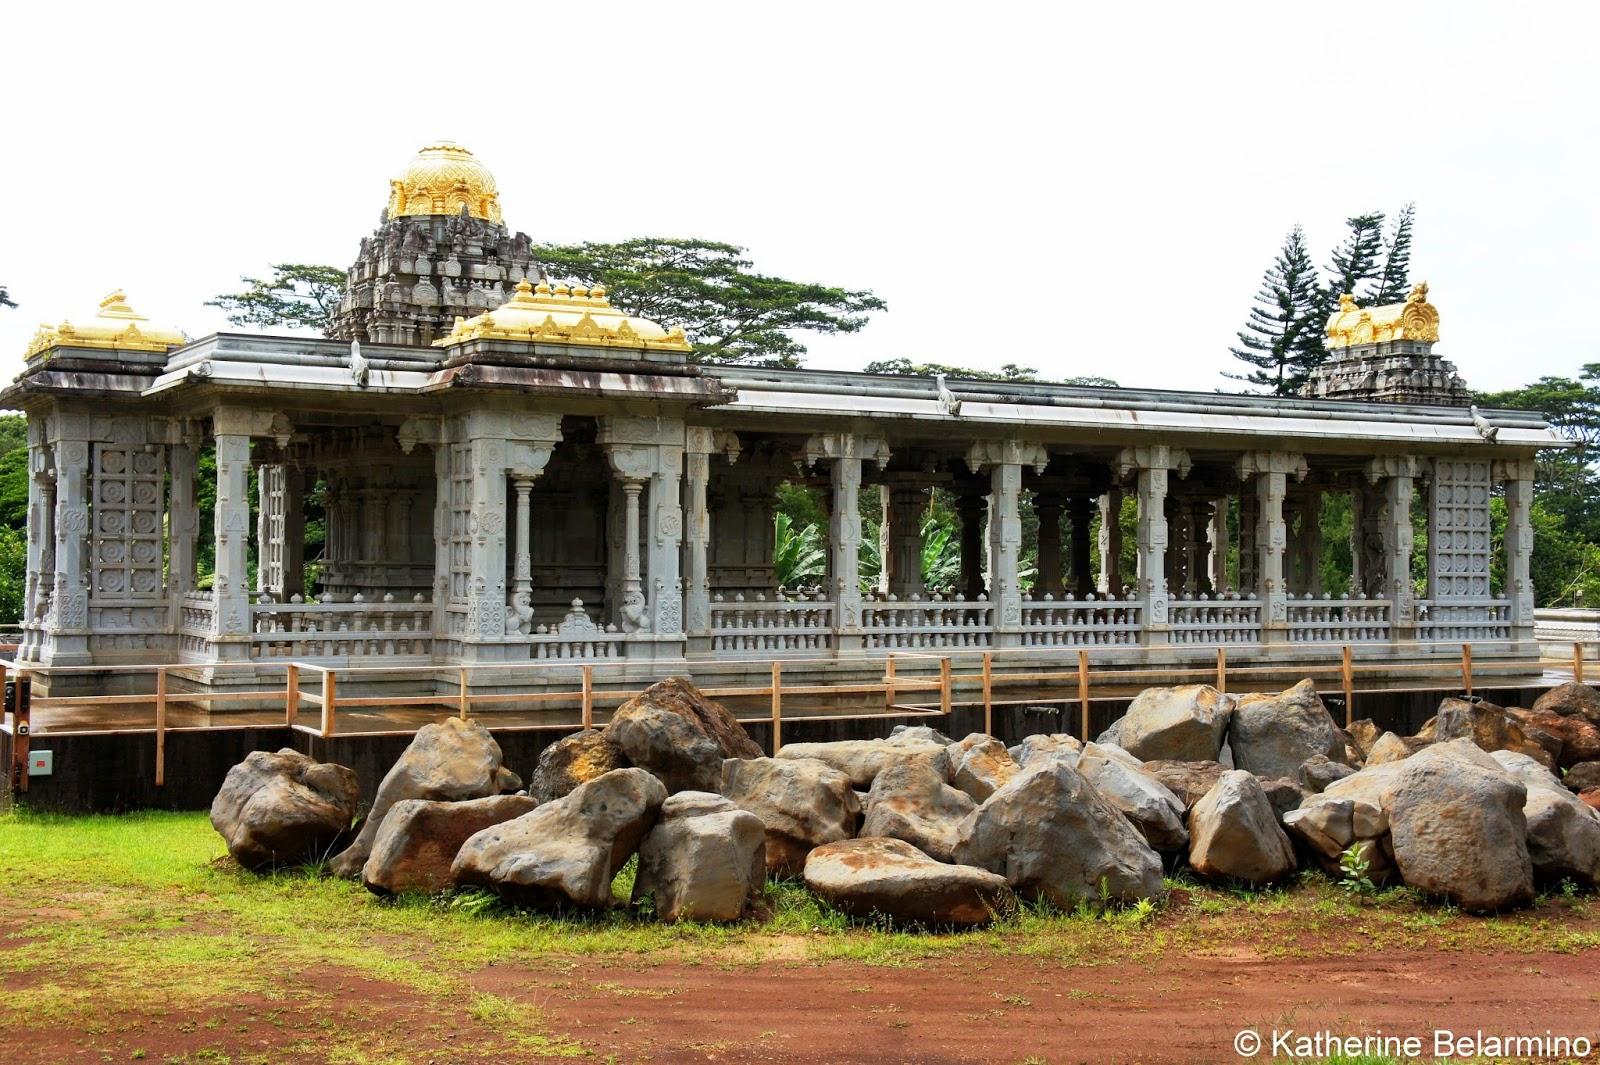 Kauai's Hindu Monastery 2014